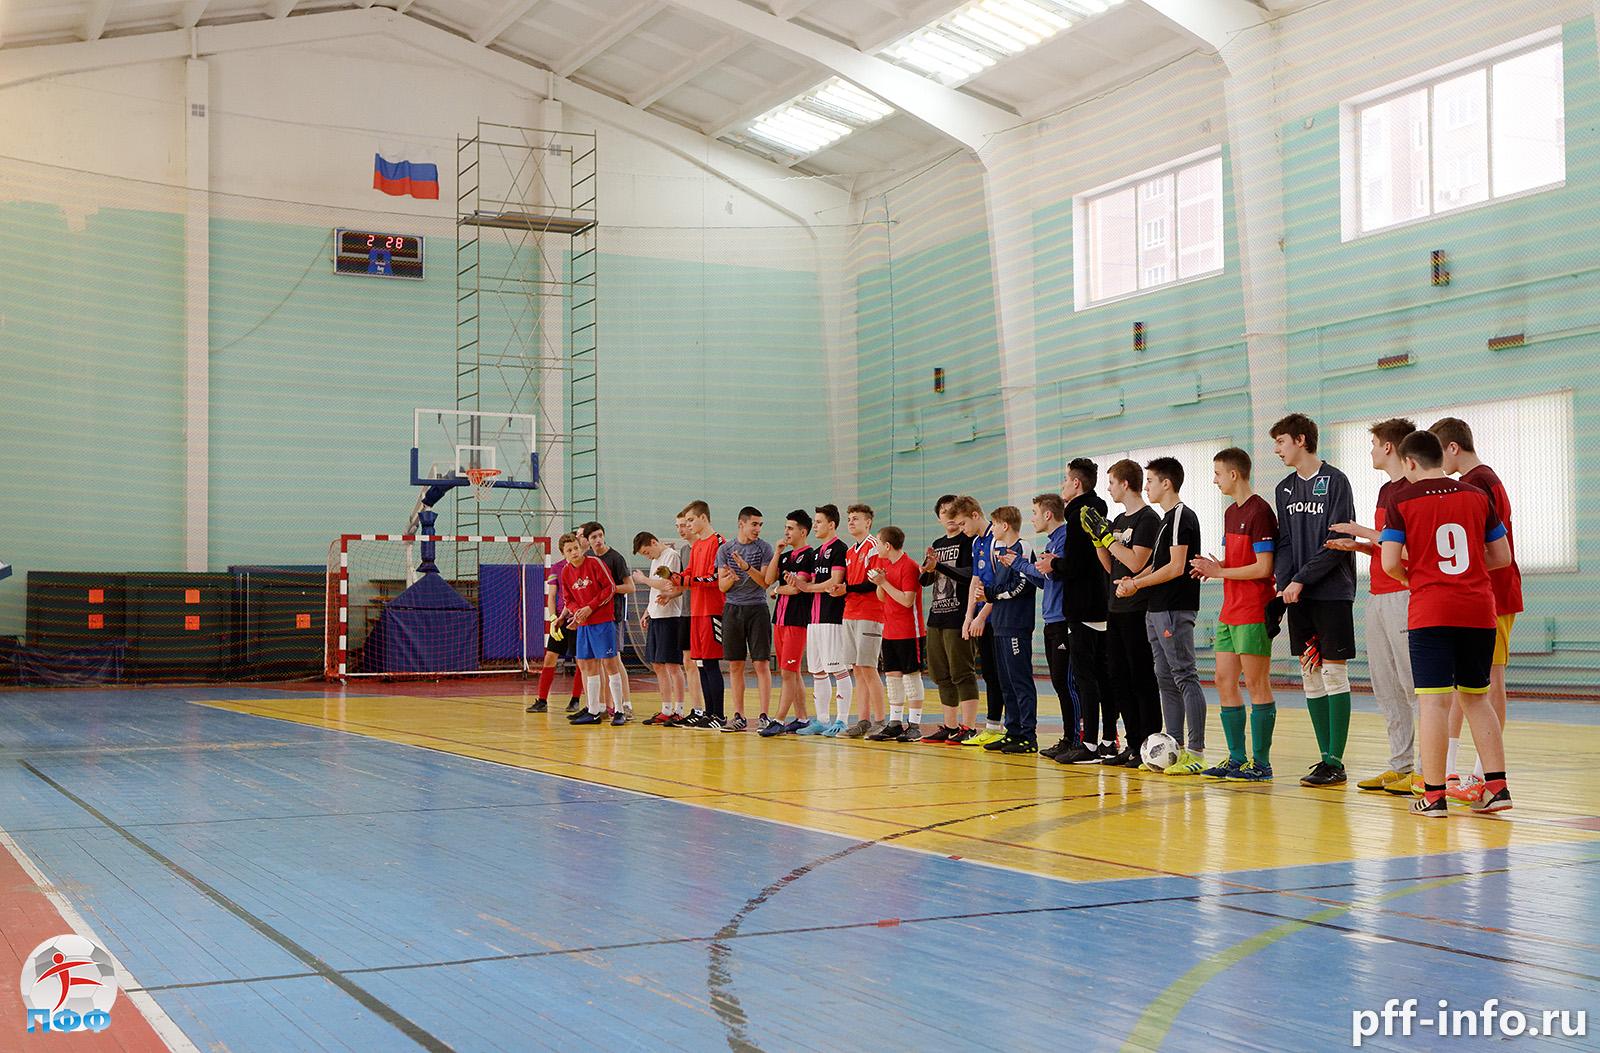 Определились обладатели Кубка Подольска по мини-футболу до 16 и 20 лет